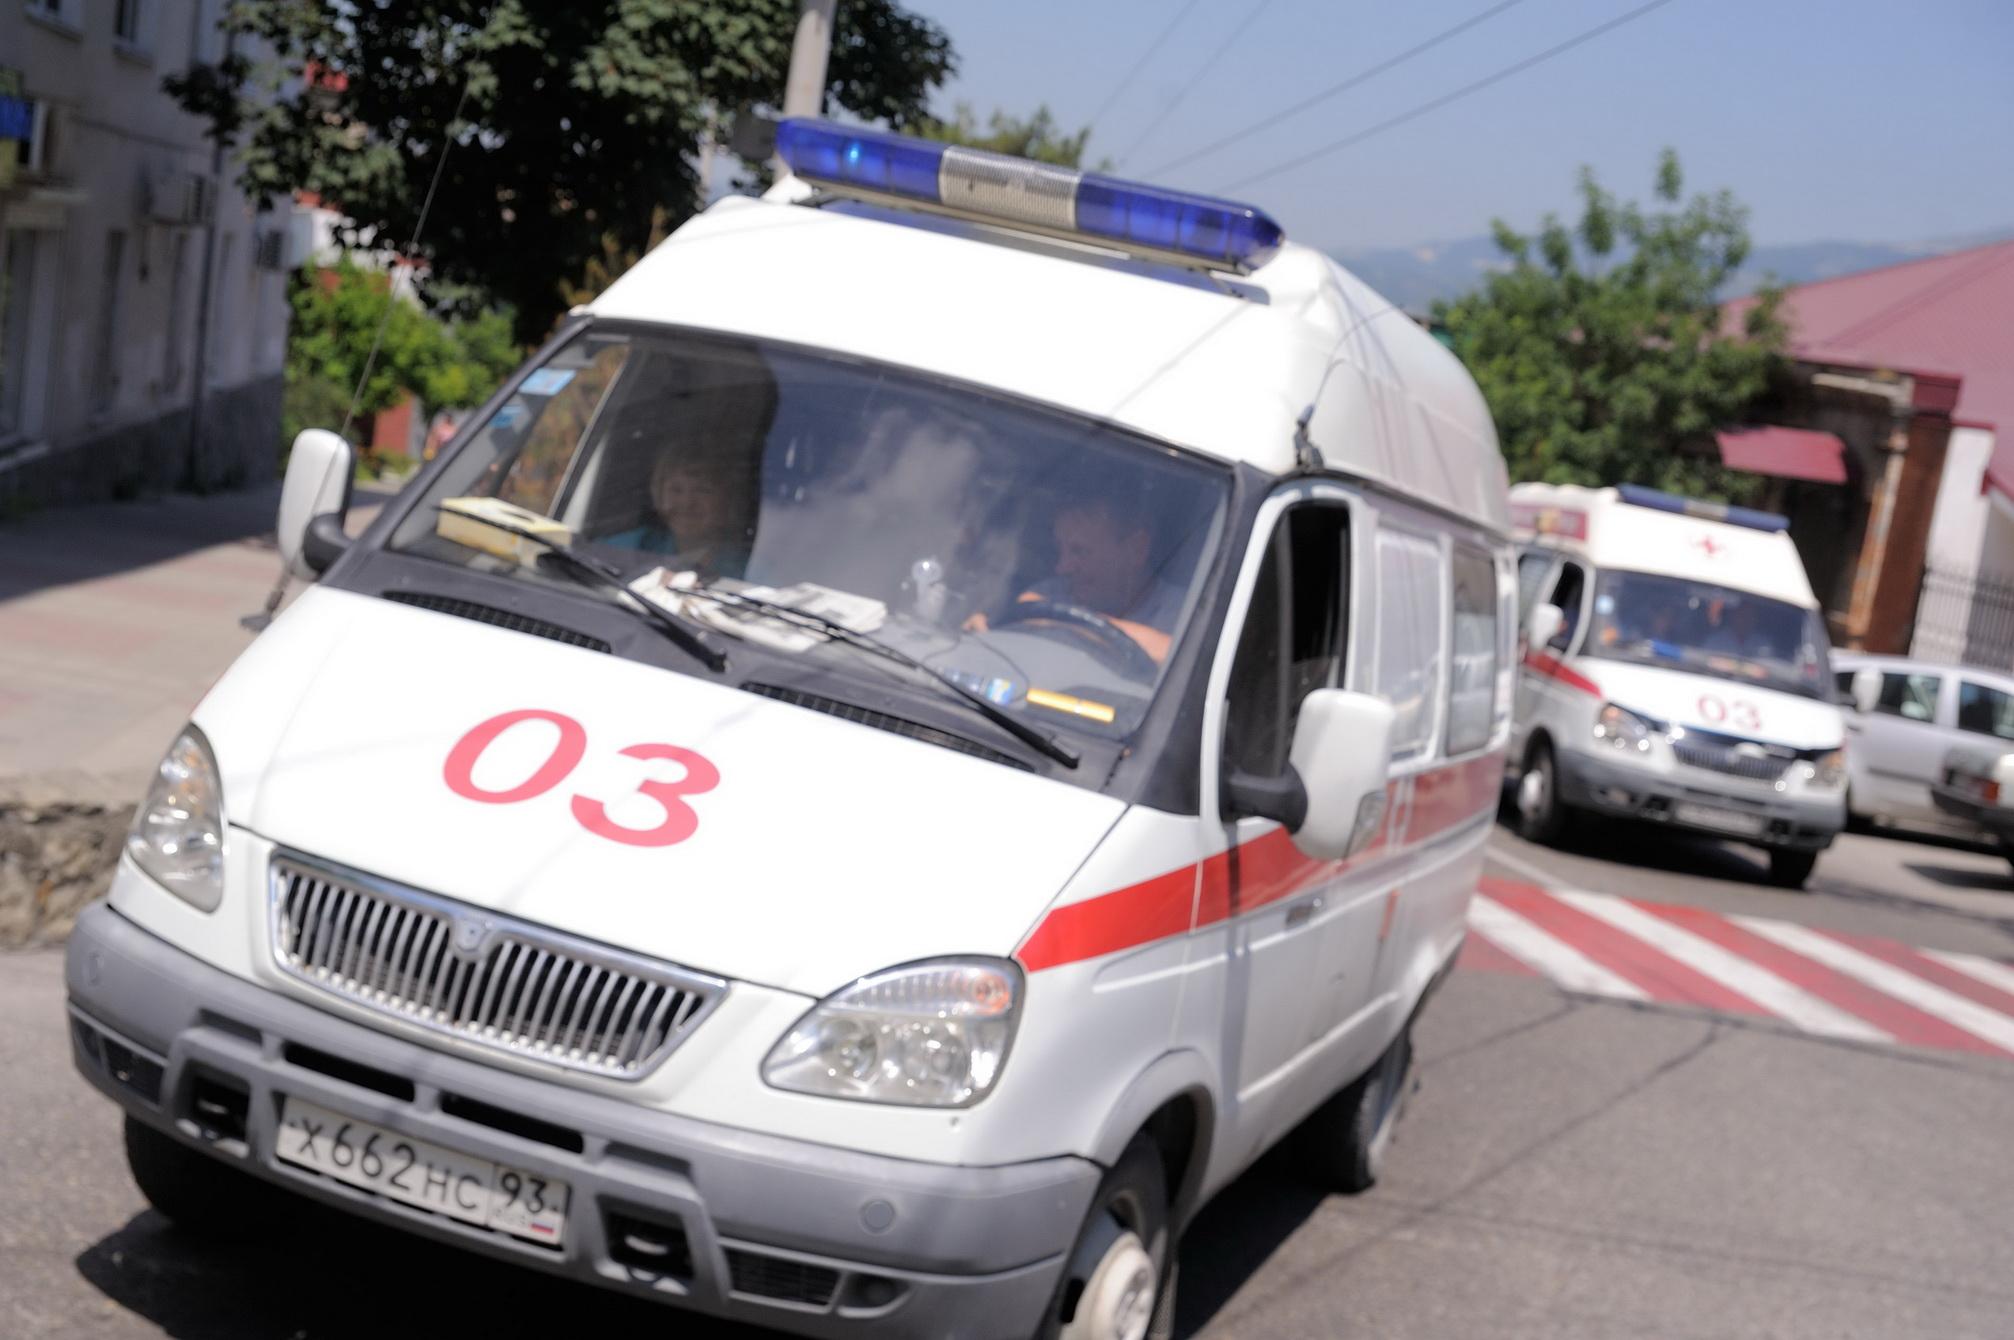 Плюс 20: в Краснодарском крае увеличилось количество пациентов с коронавирусом COVID-19